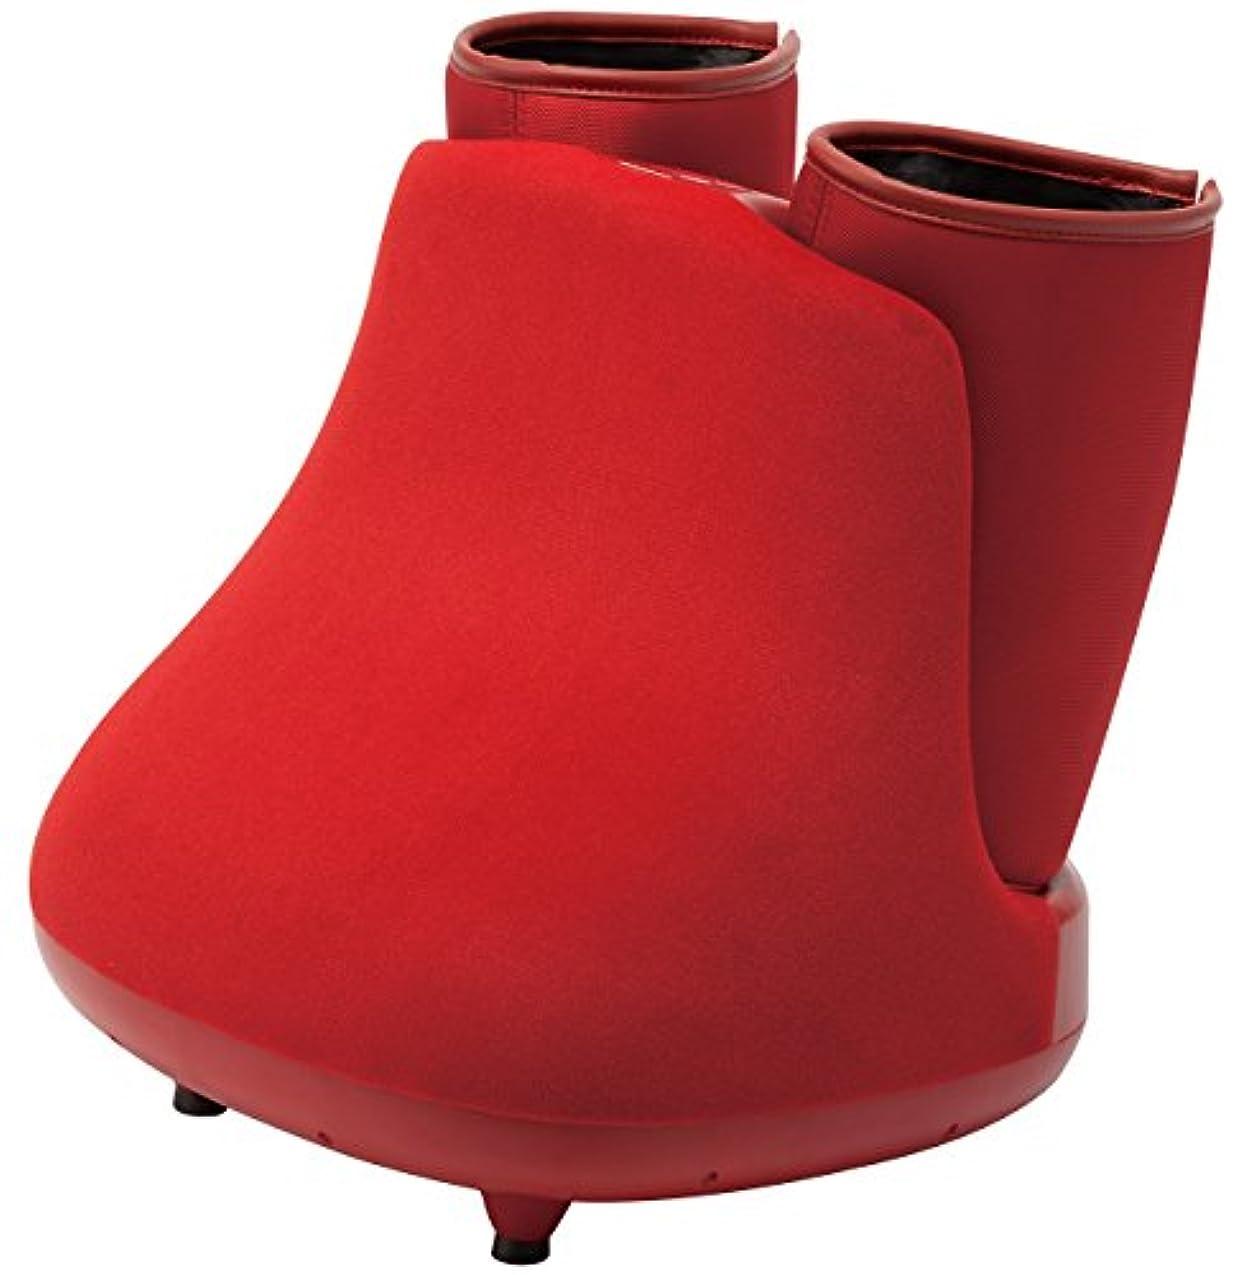 レンド究極の足首スライヴ しぼりもみフットマッサージャー 温風ヒーター搭載 「通販限定モデル」 レッド MD-8750(R)